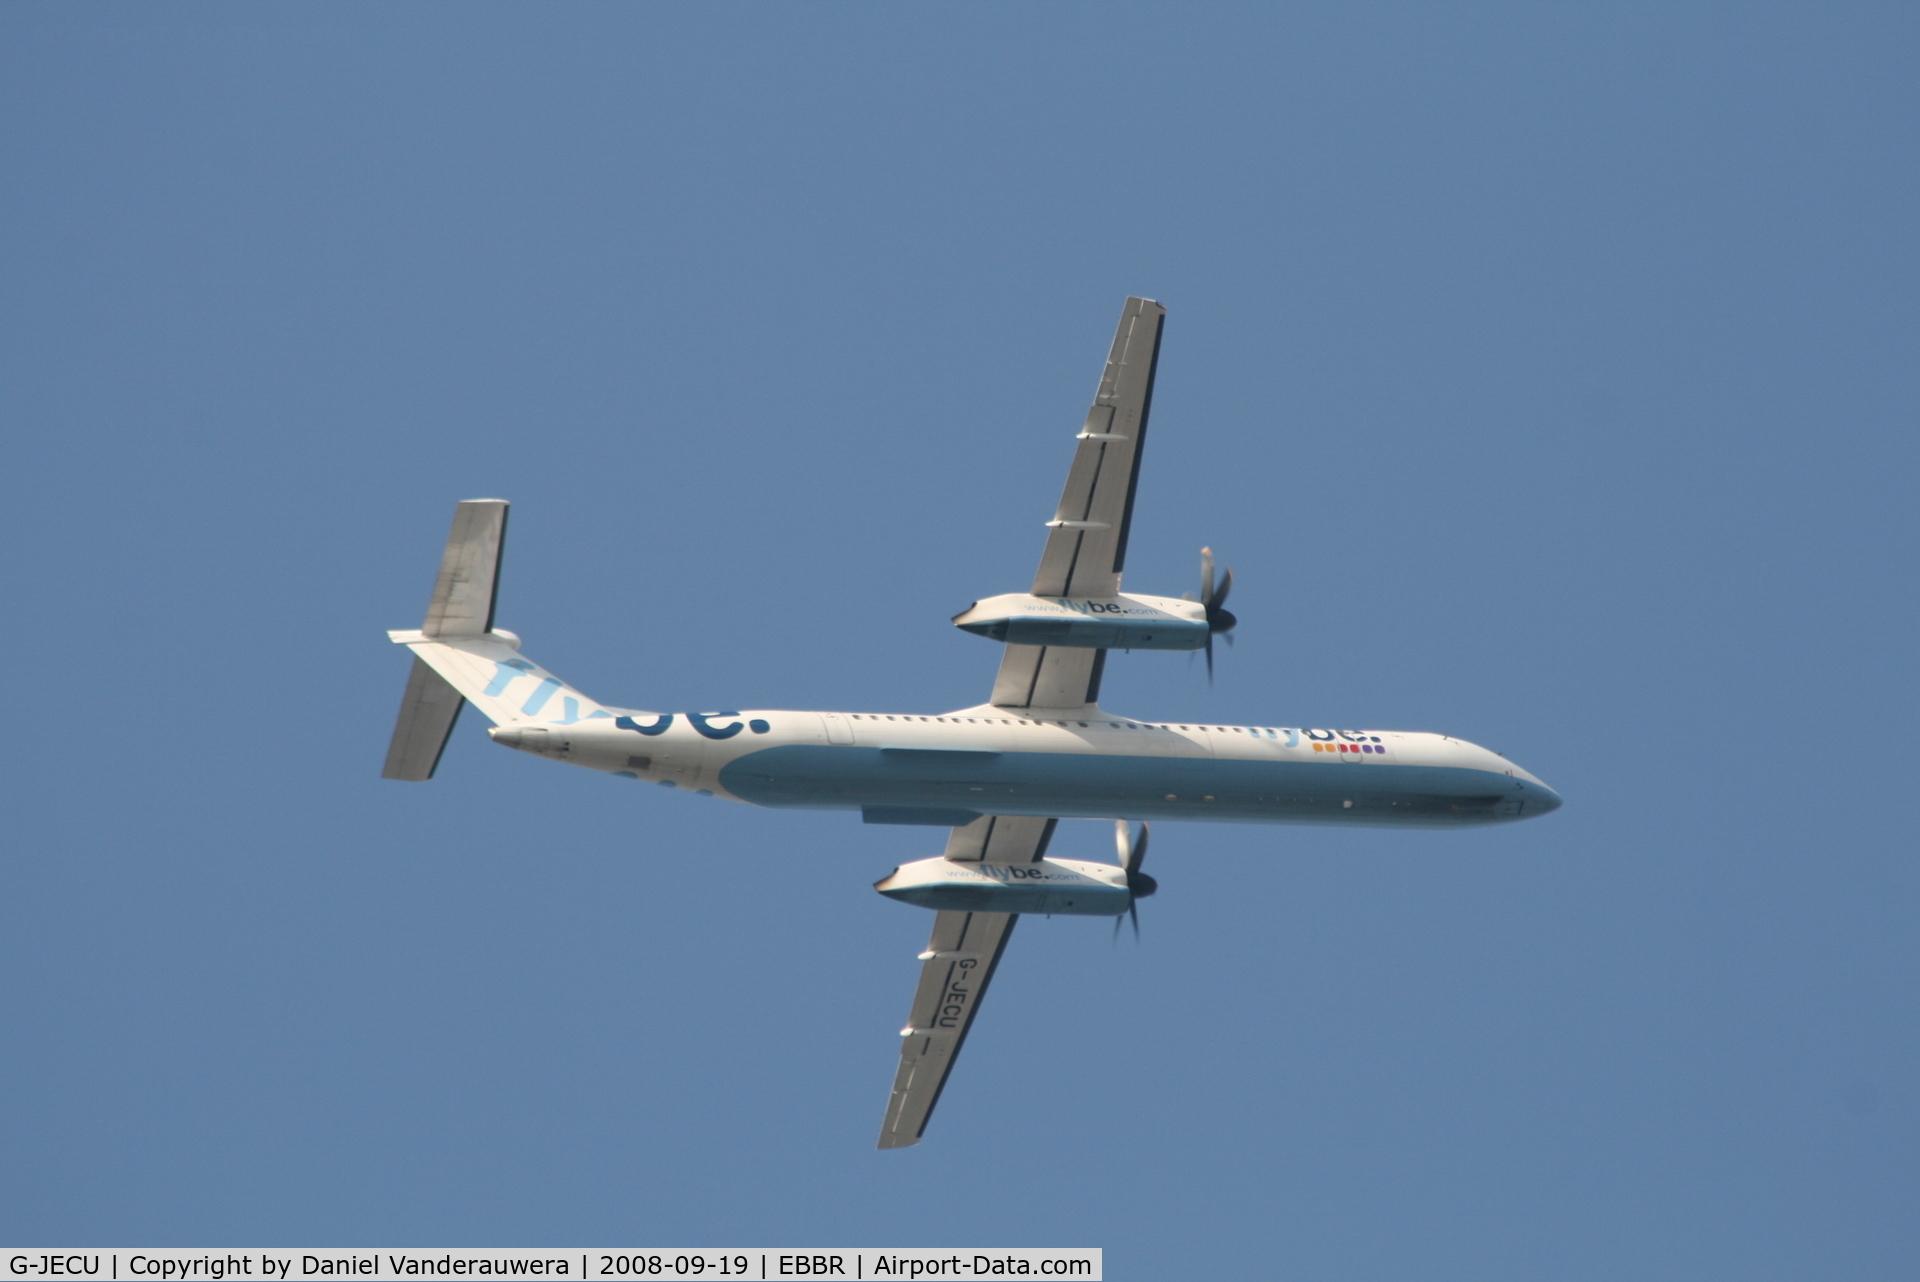 G-JECU, 2006 De Havilland Canada DHC-8-402Q Dash 8 C/N 4146, on approach to rwy 07L